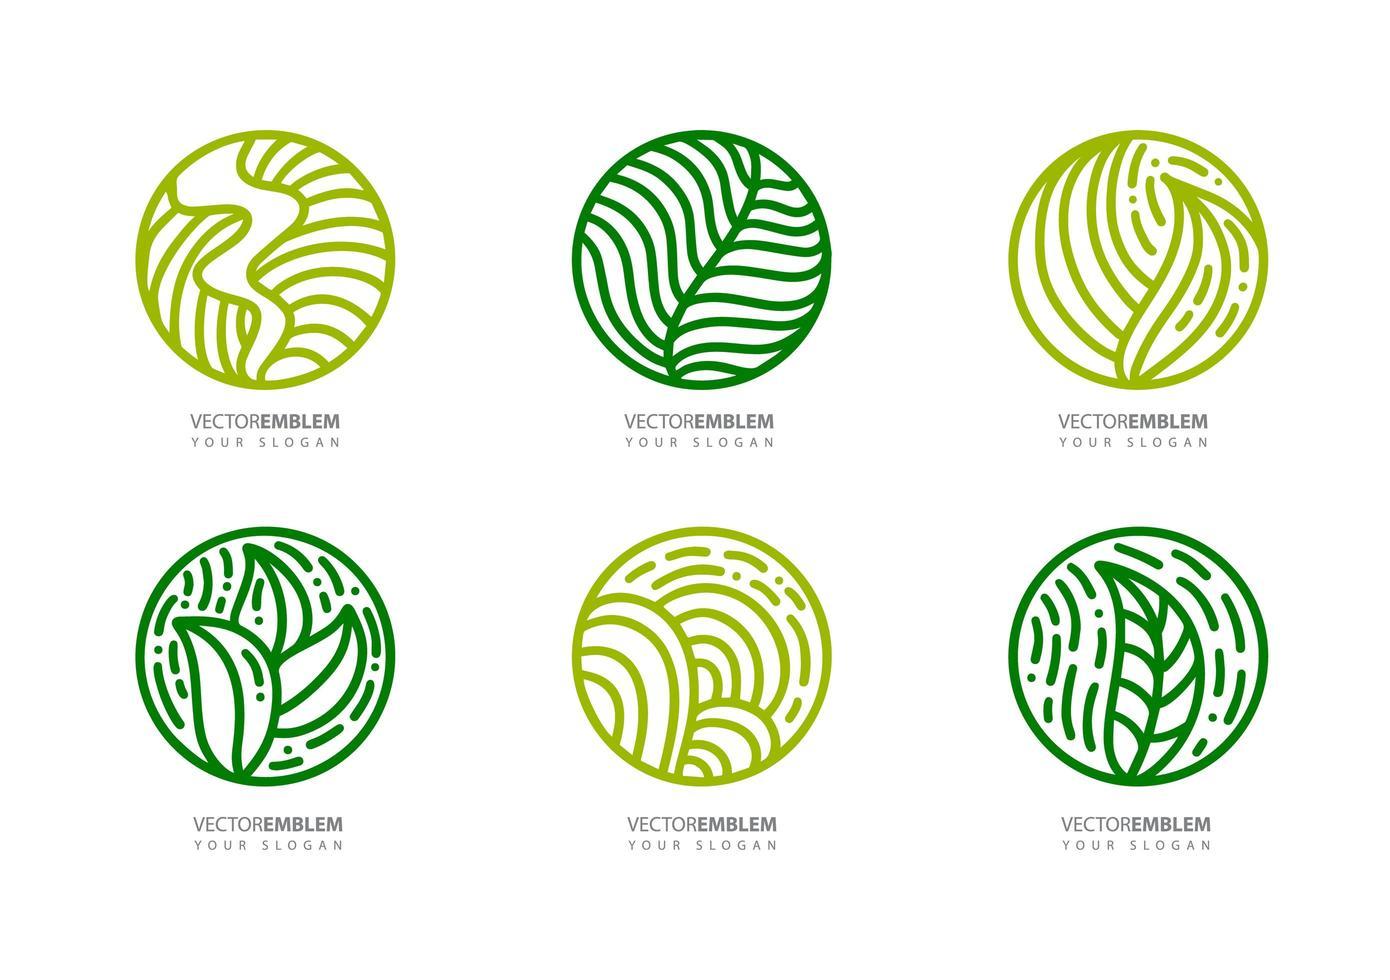 ensemble d & # 39; emblèmes bio ronds dans un style linéaire de cercle vecteur